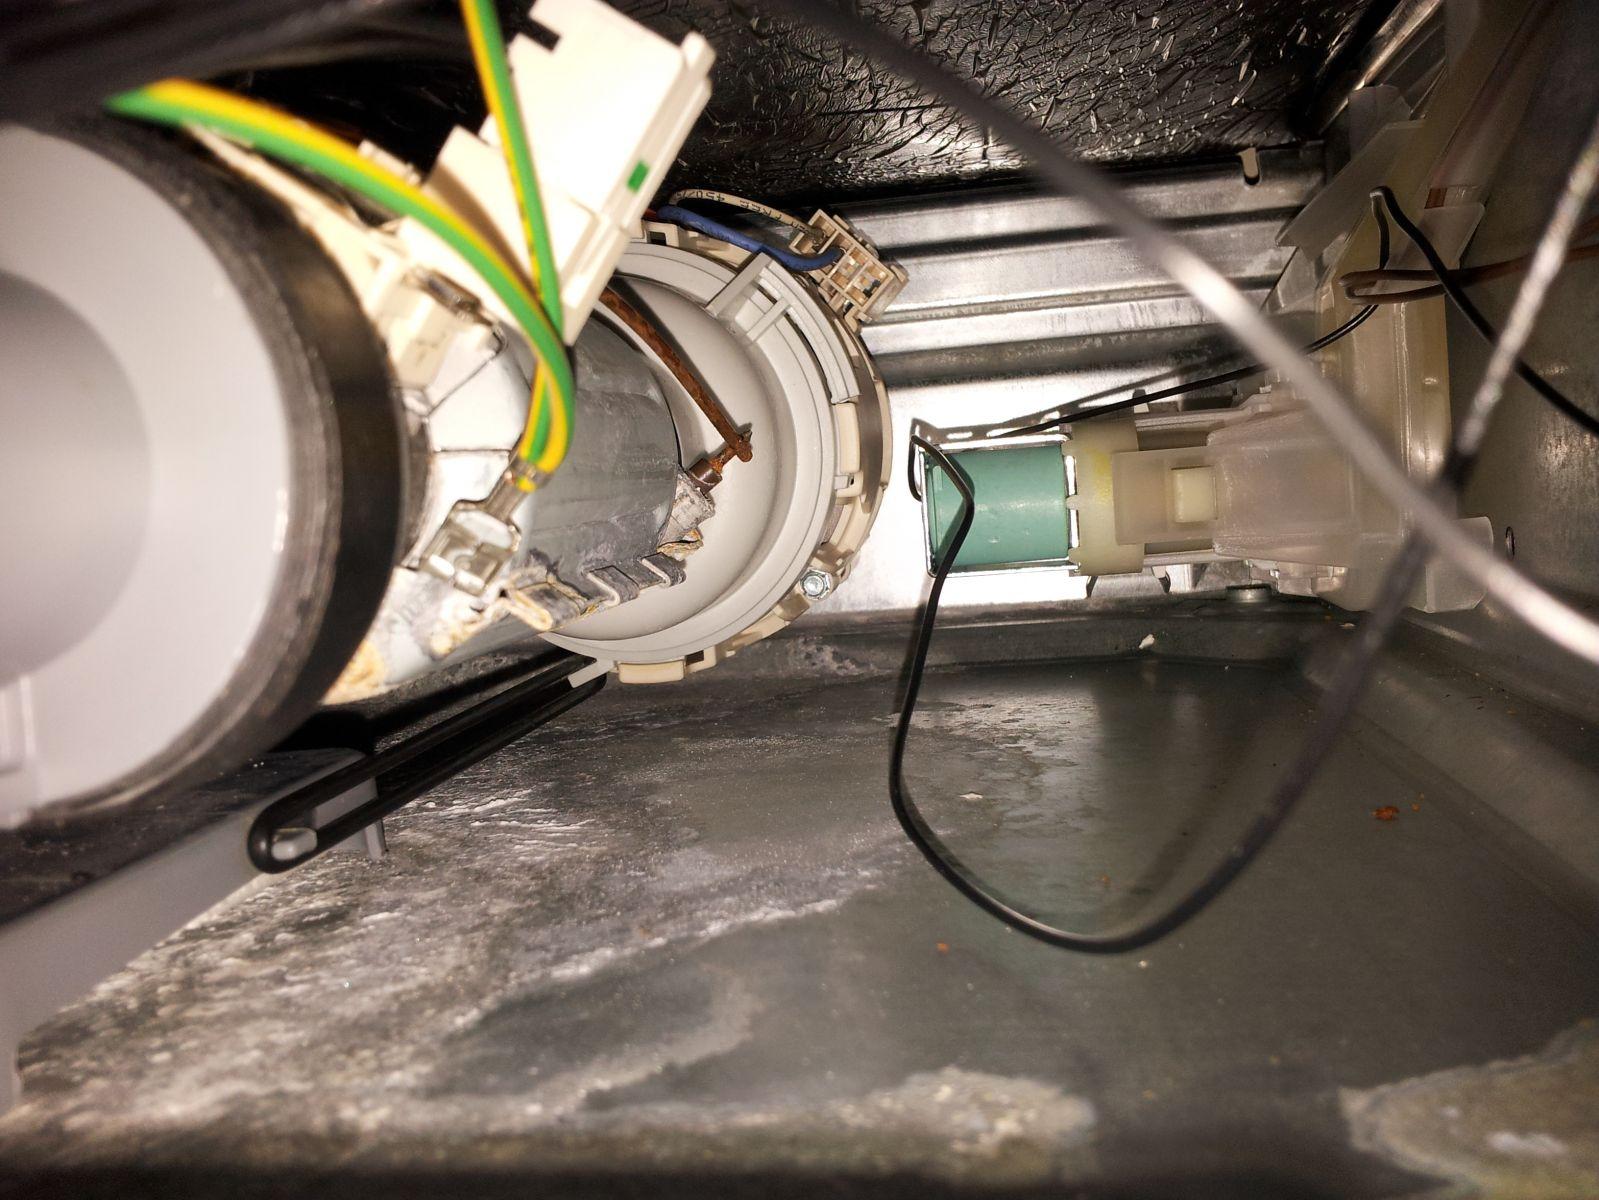 Asko dishwasher drain pan